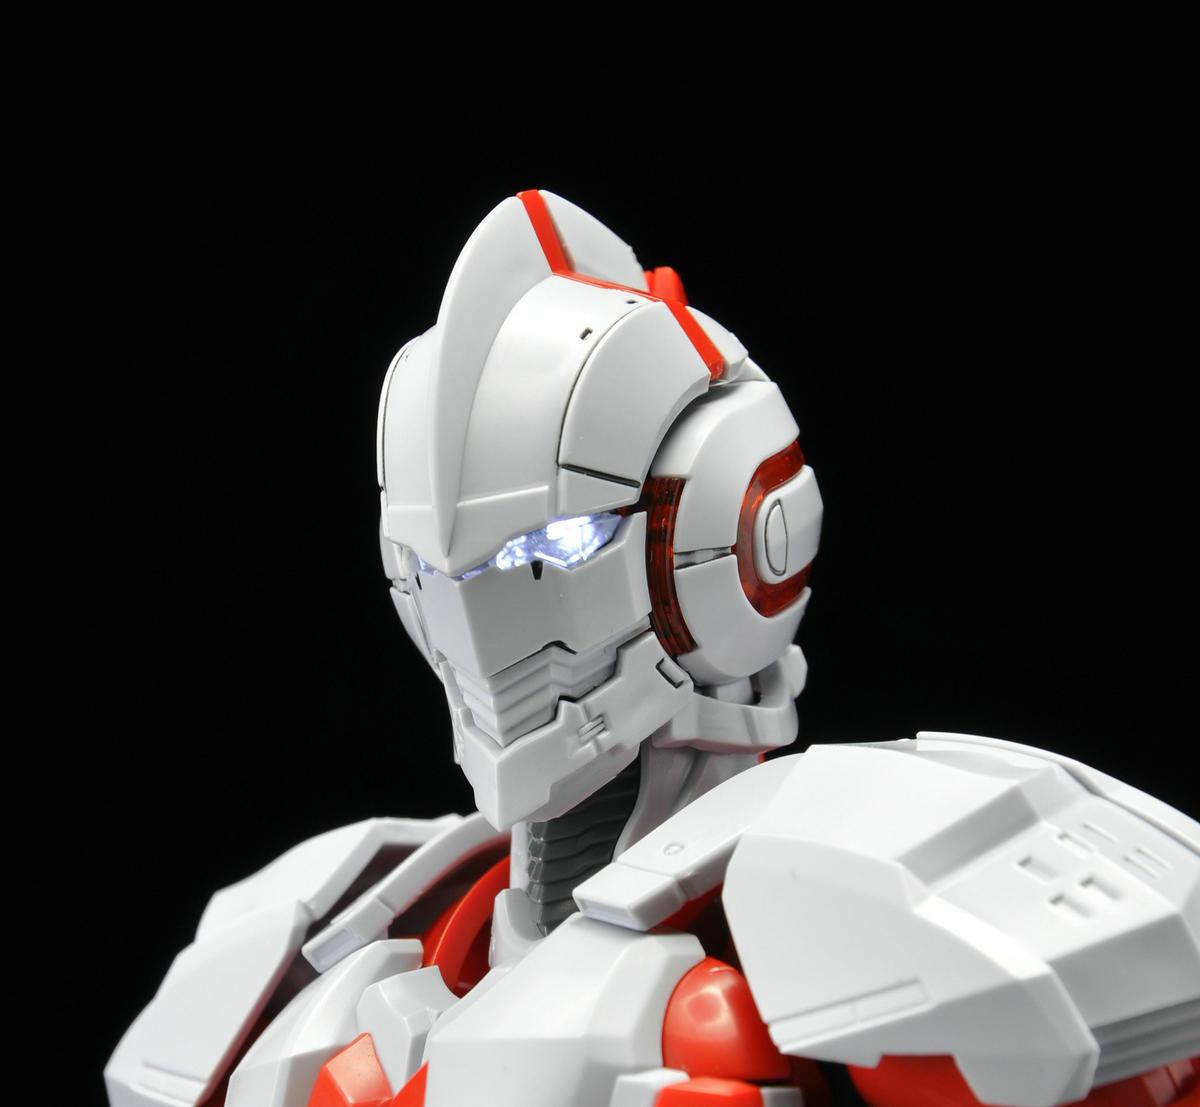 S275_1_ultraman_review2_inask_035.jpg